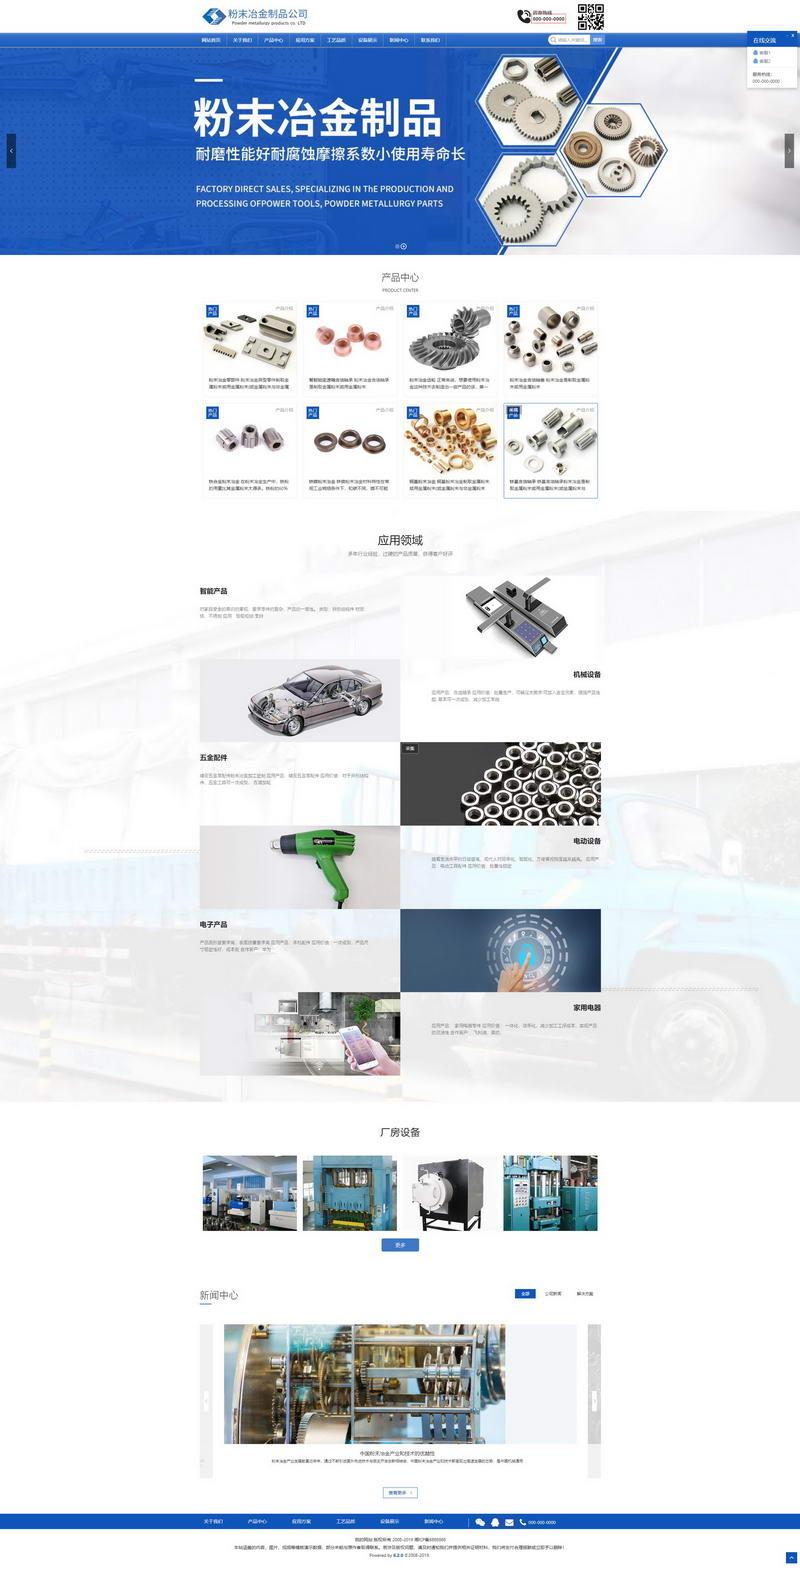 这款蓝色的不锈钢网站布局比较传统,很适合传统型的企业使用